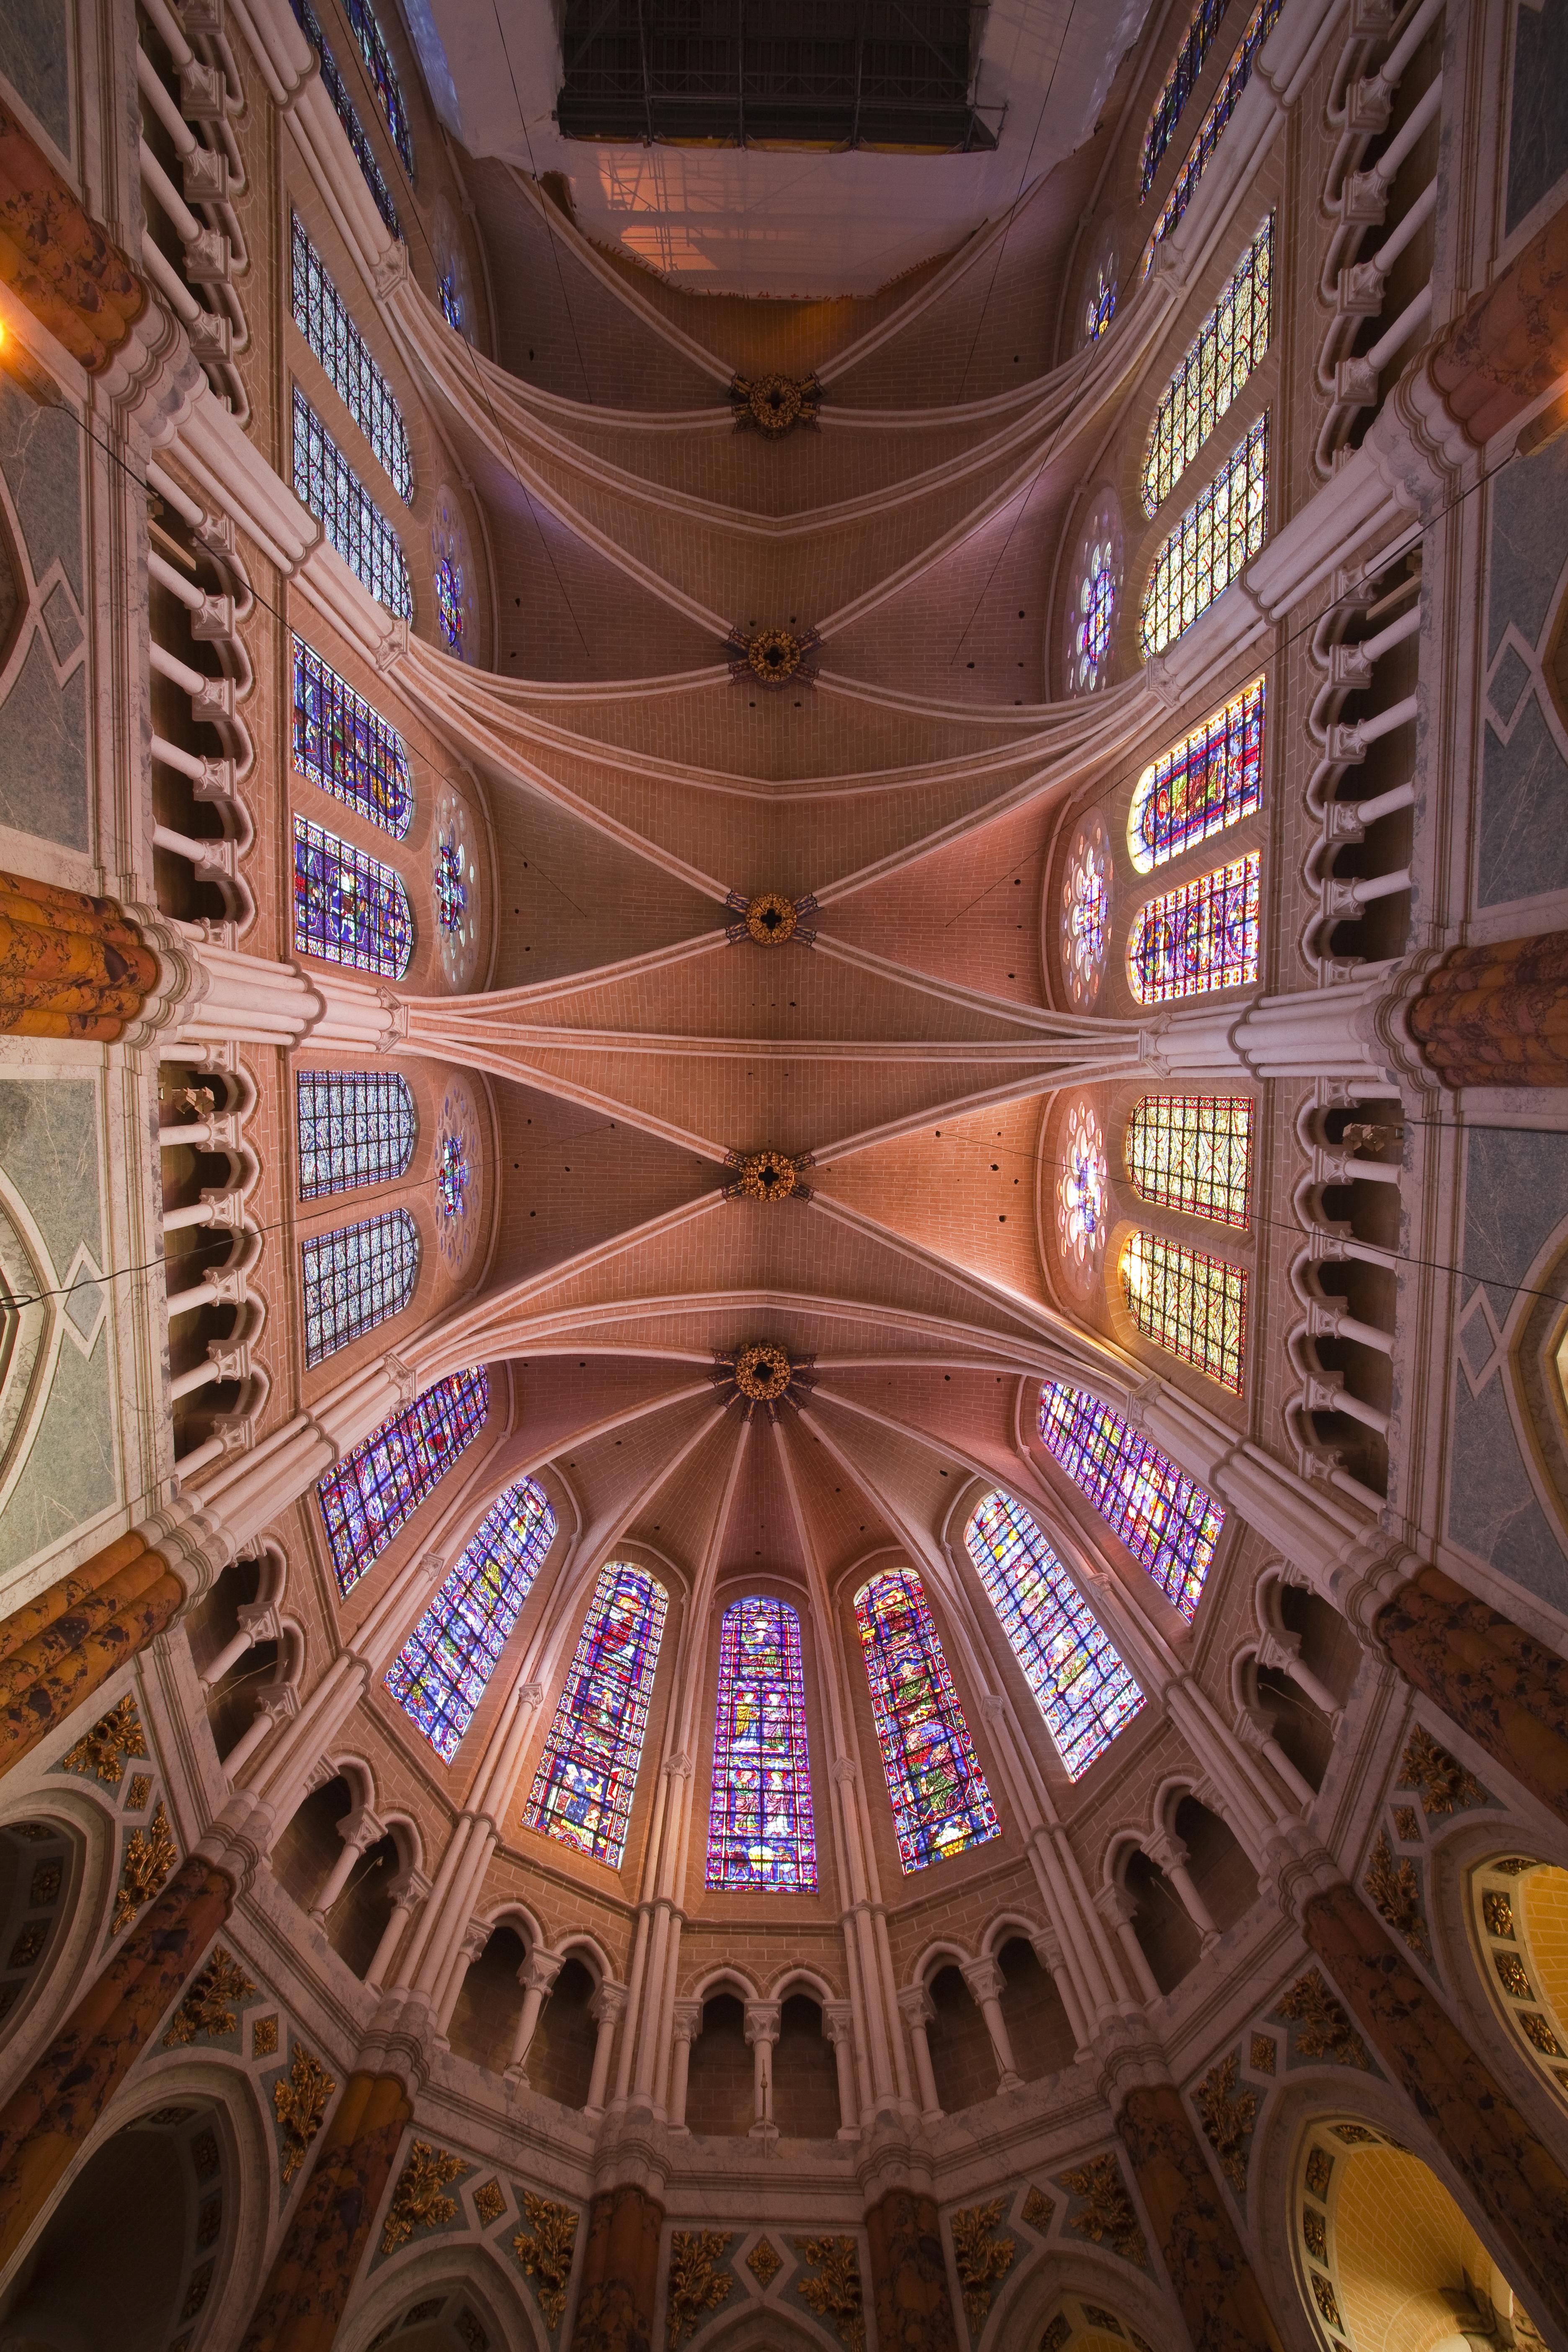 Melyik országban található ez a festett üvegablakairól is híres katedrális?